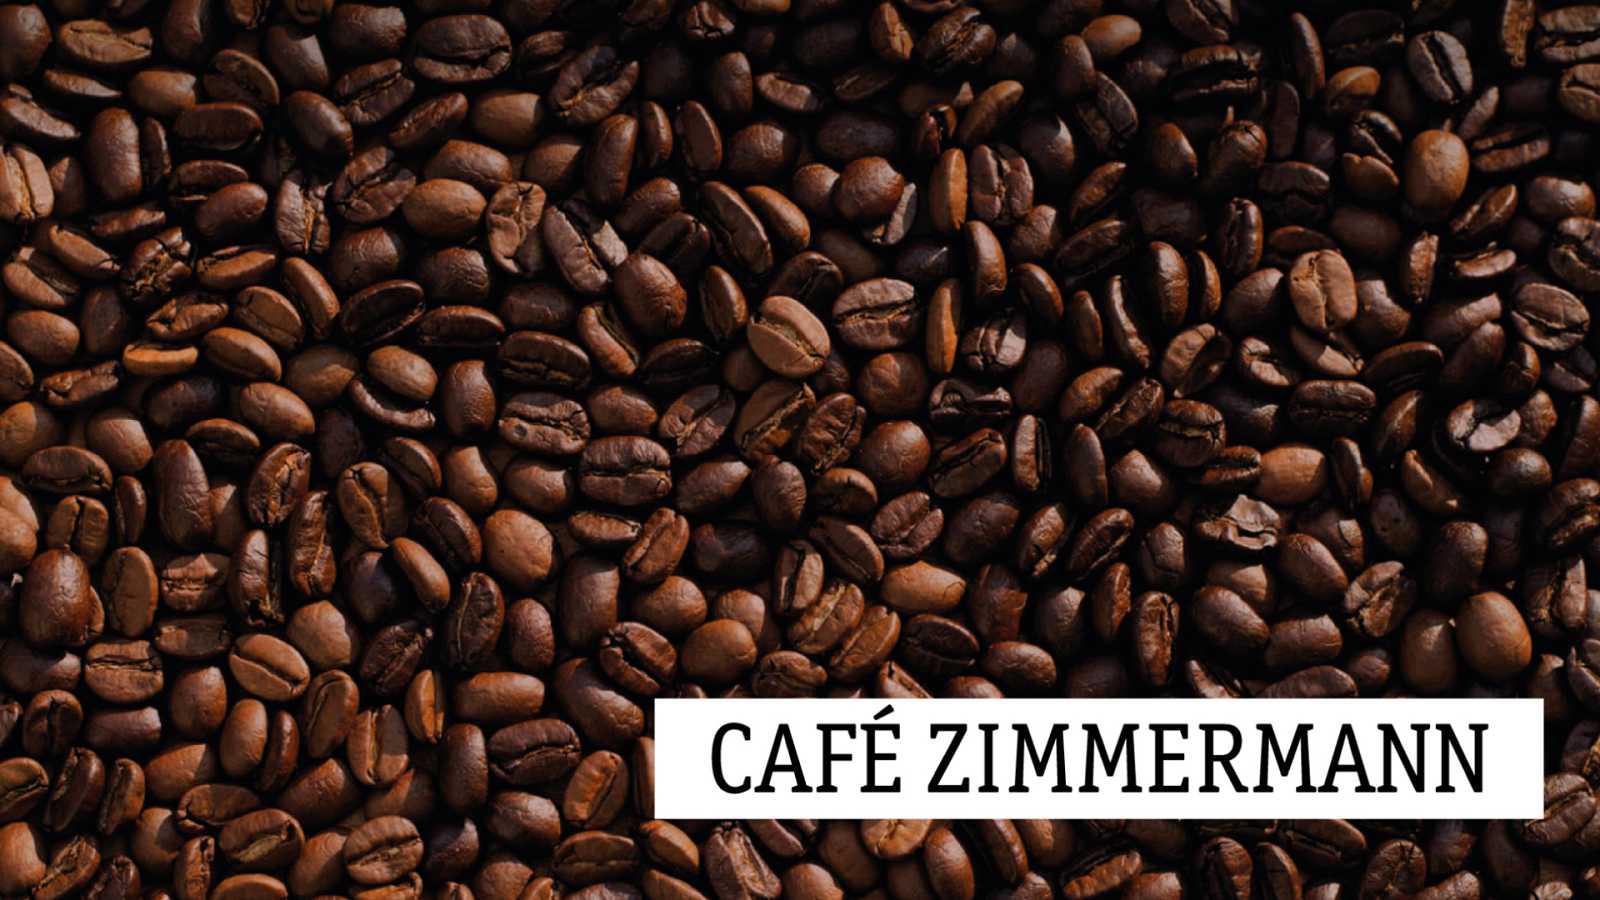 Café Zimmermann - Cándidos - 22/06/20 - escuchar ahora